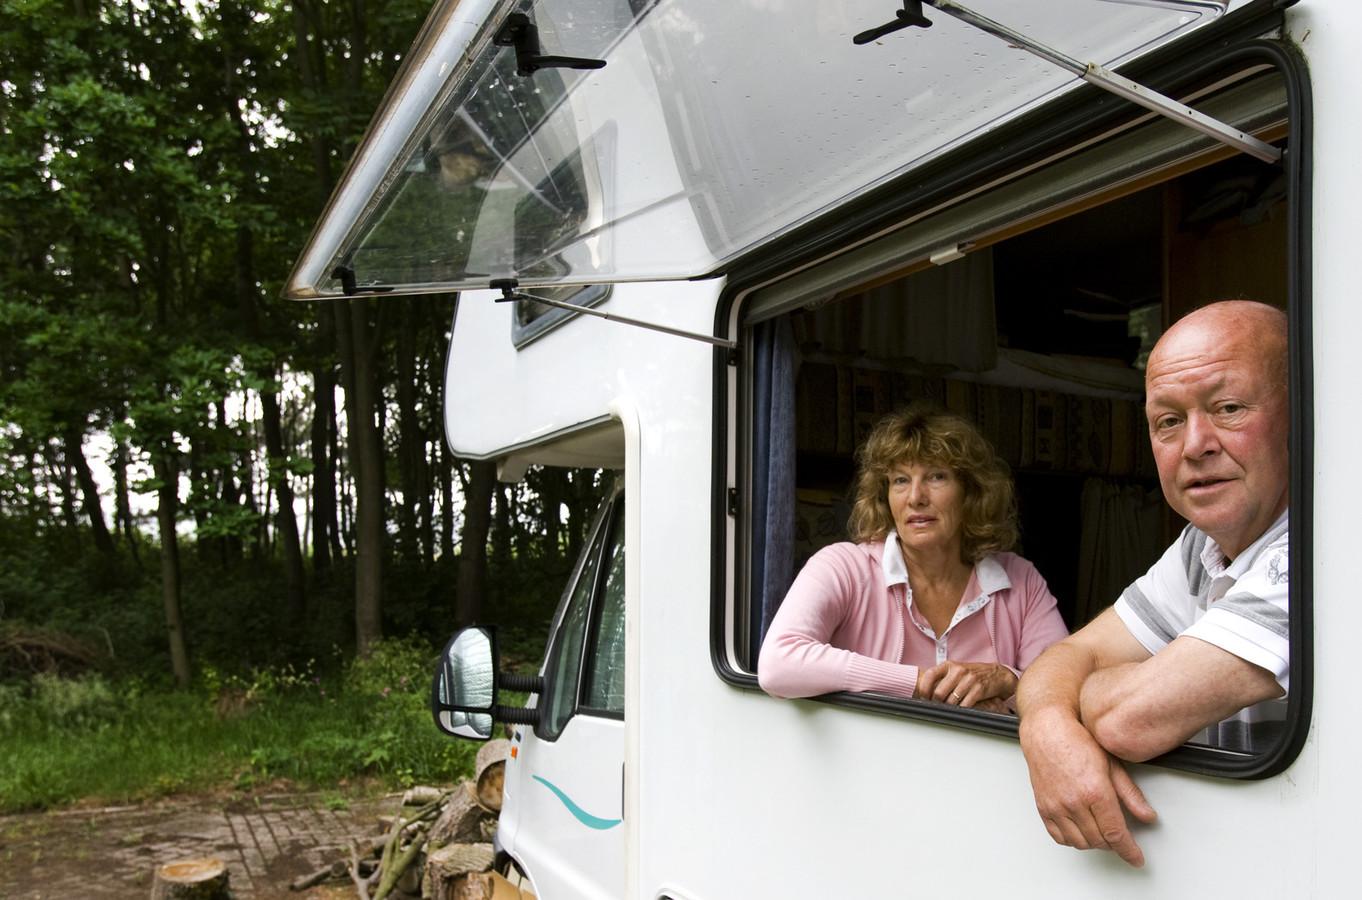 De bekendste klokkenluider van Nederlander Ad Bos (bouwfraude). Hij woonde zelfs tijdelijk in een camper door alle problemen